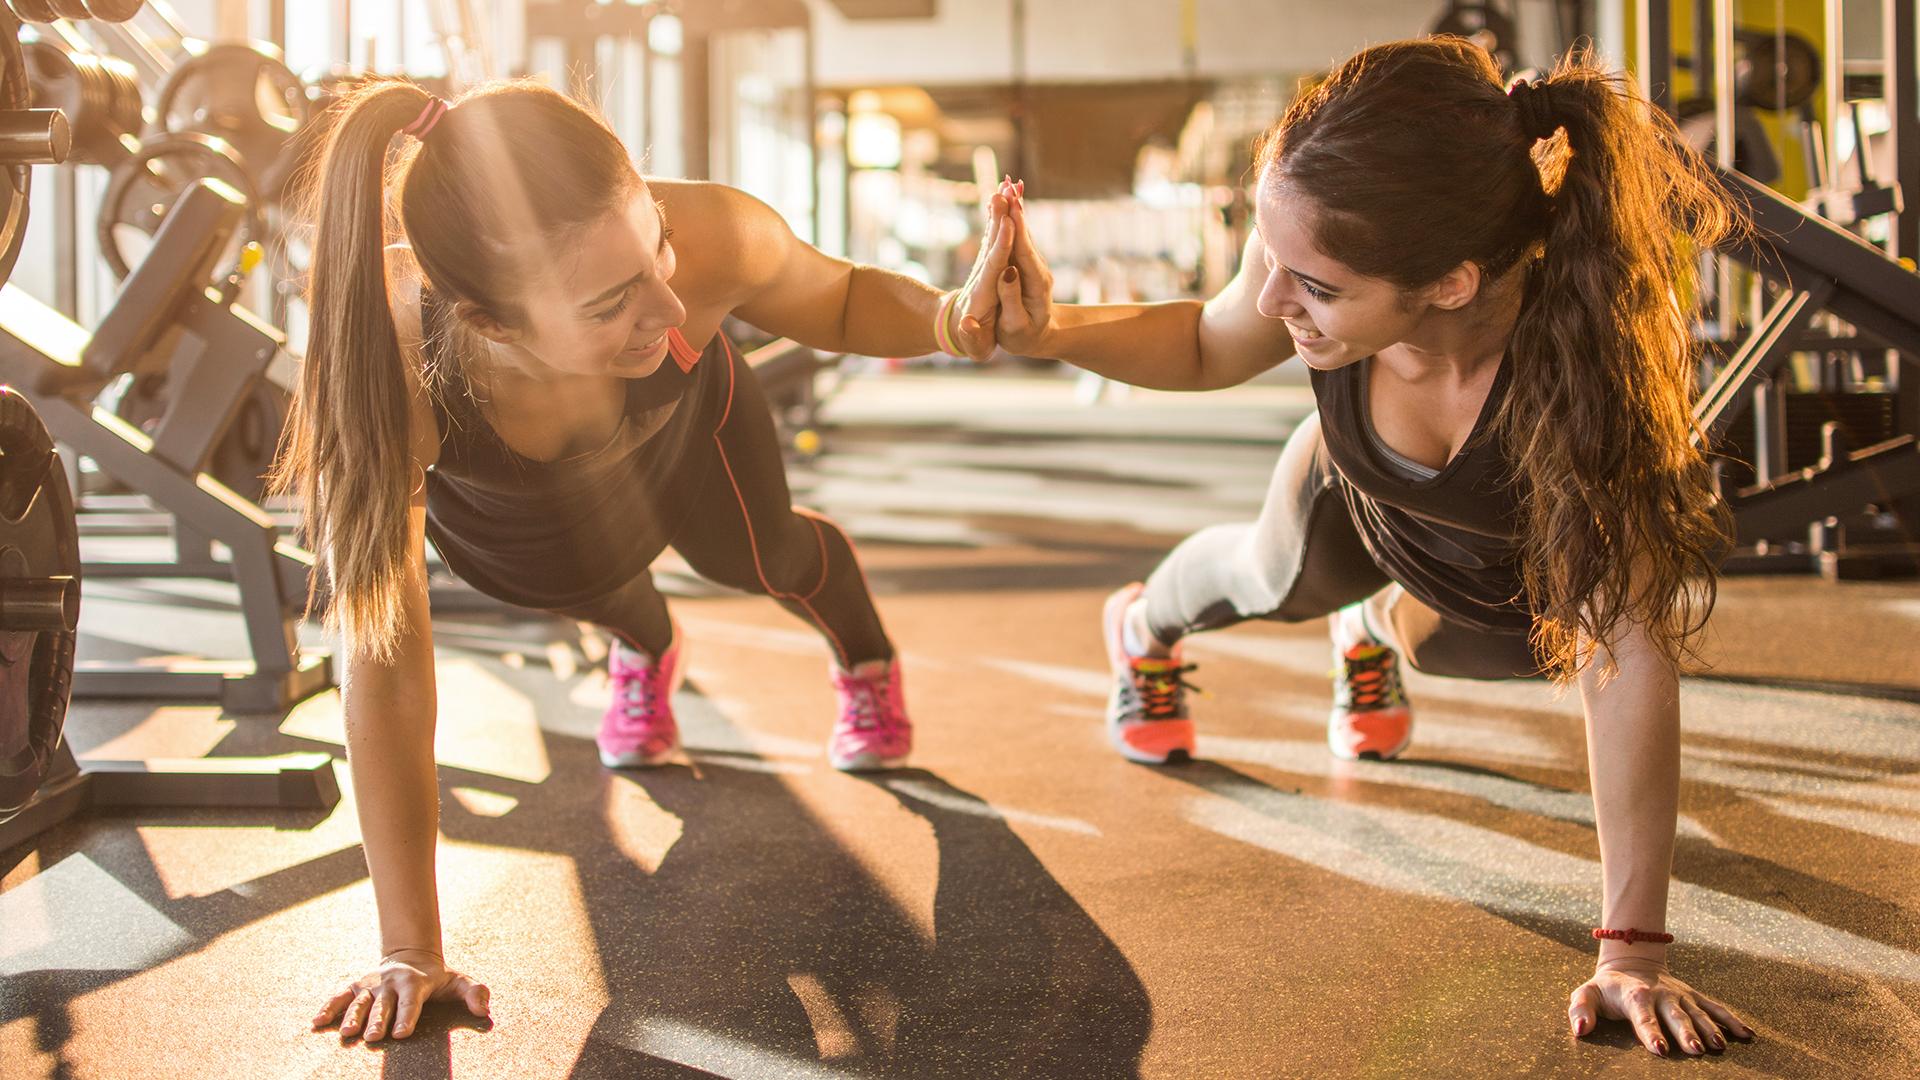 El ejercicio es clave a la hora de mantener la masa y el tono muscular durante el tratamiento de descenso de peso (Getty)